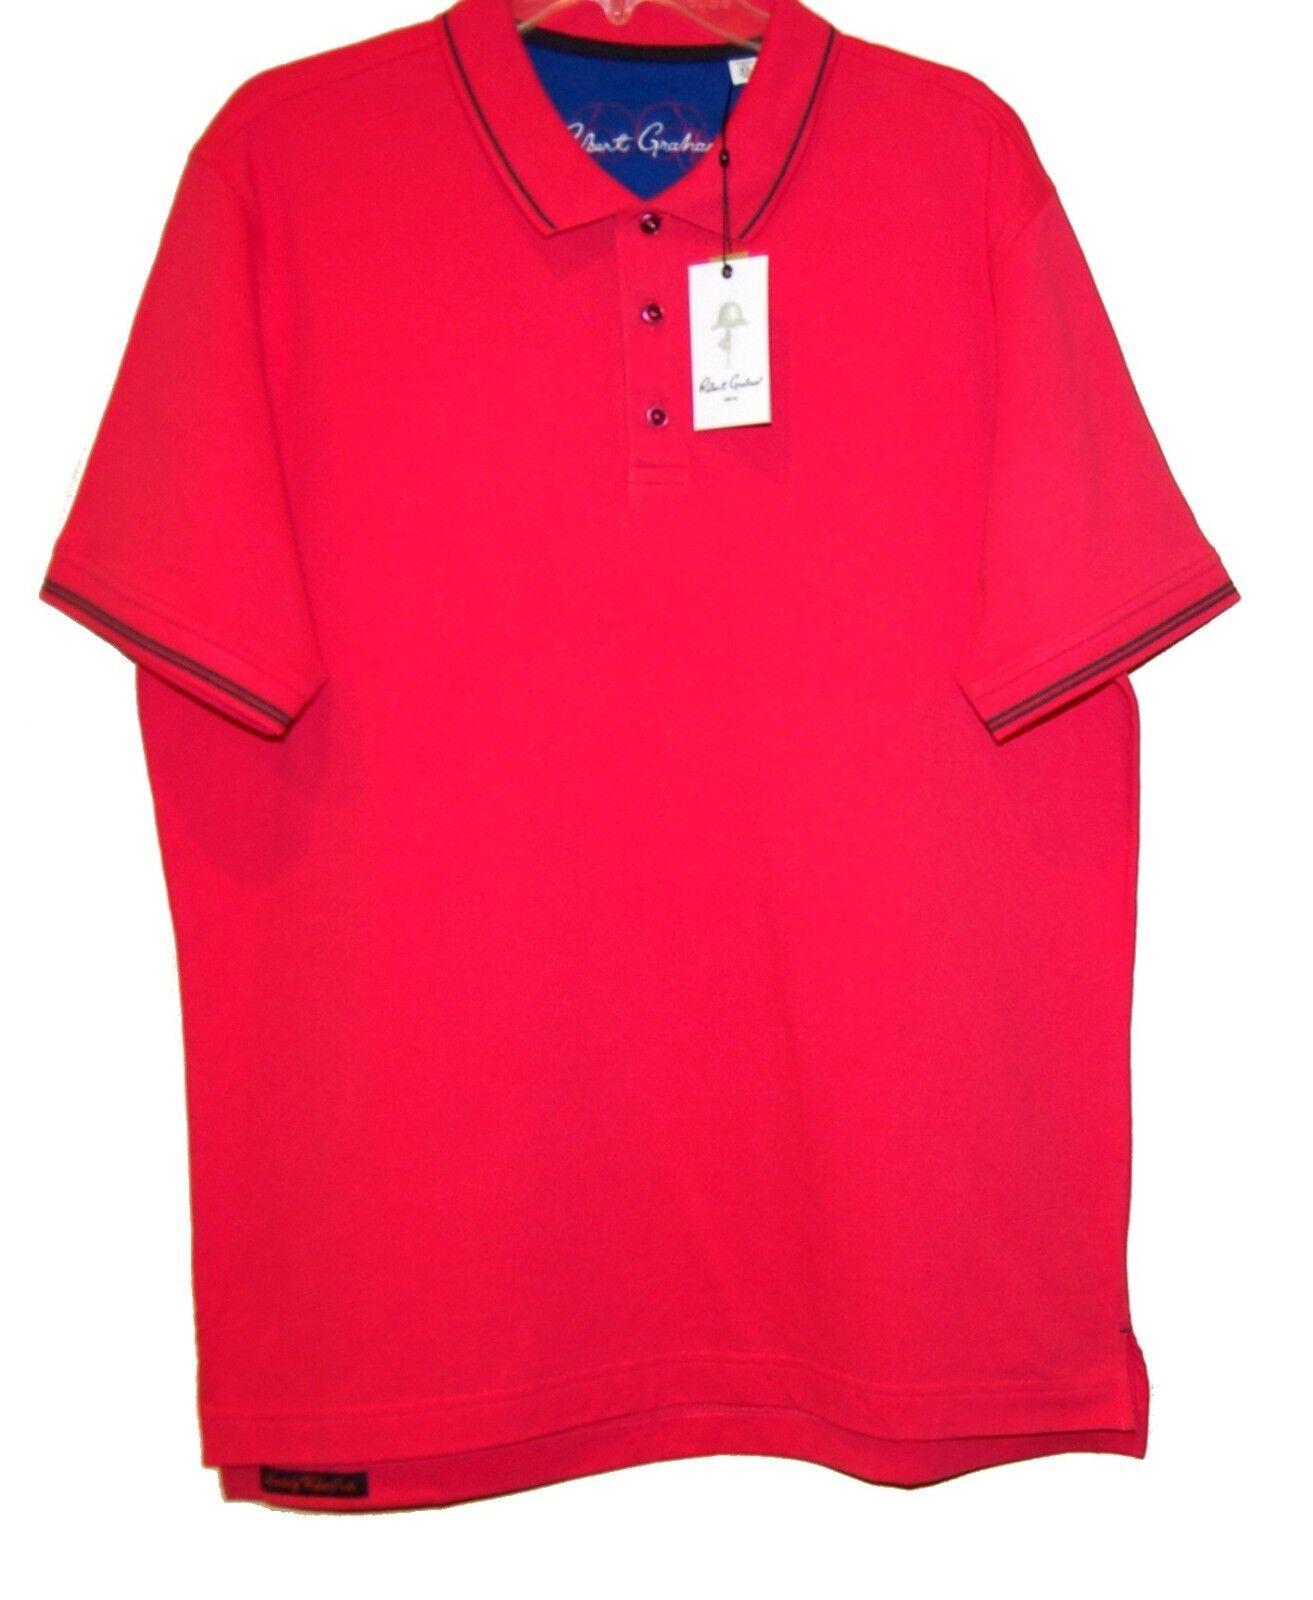 Robert-Graham  Hot Pink  Men's Polo Shirt Cotton Sz XL NEW